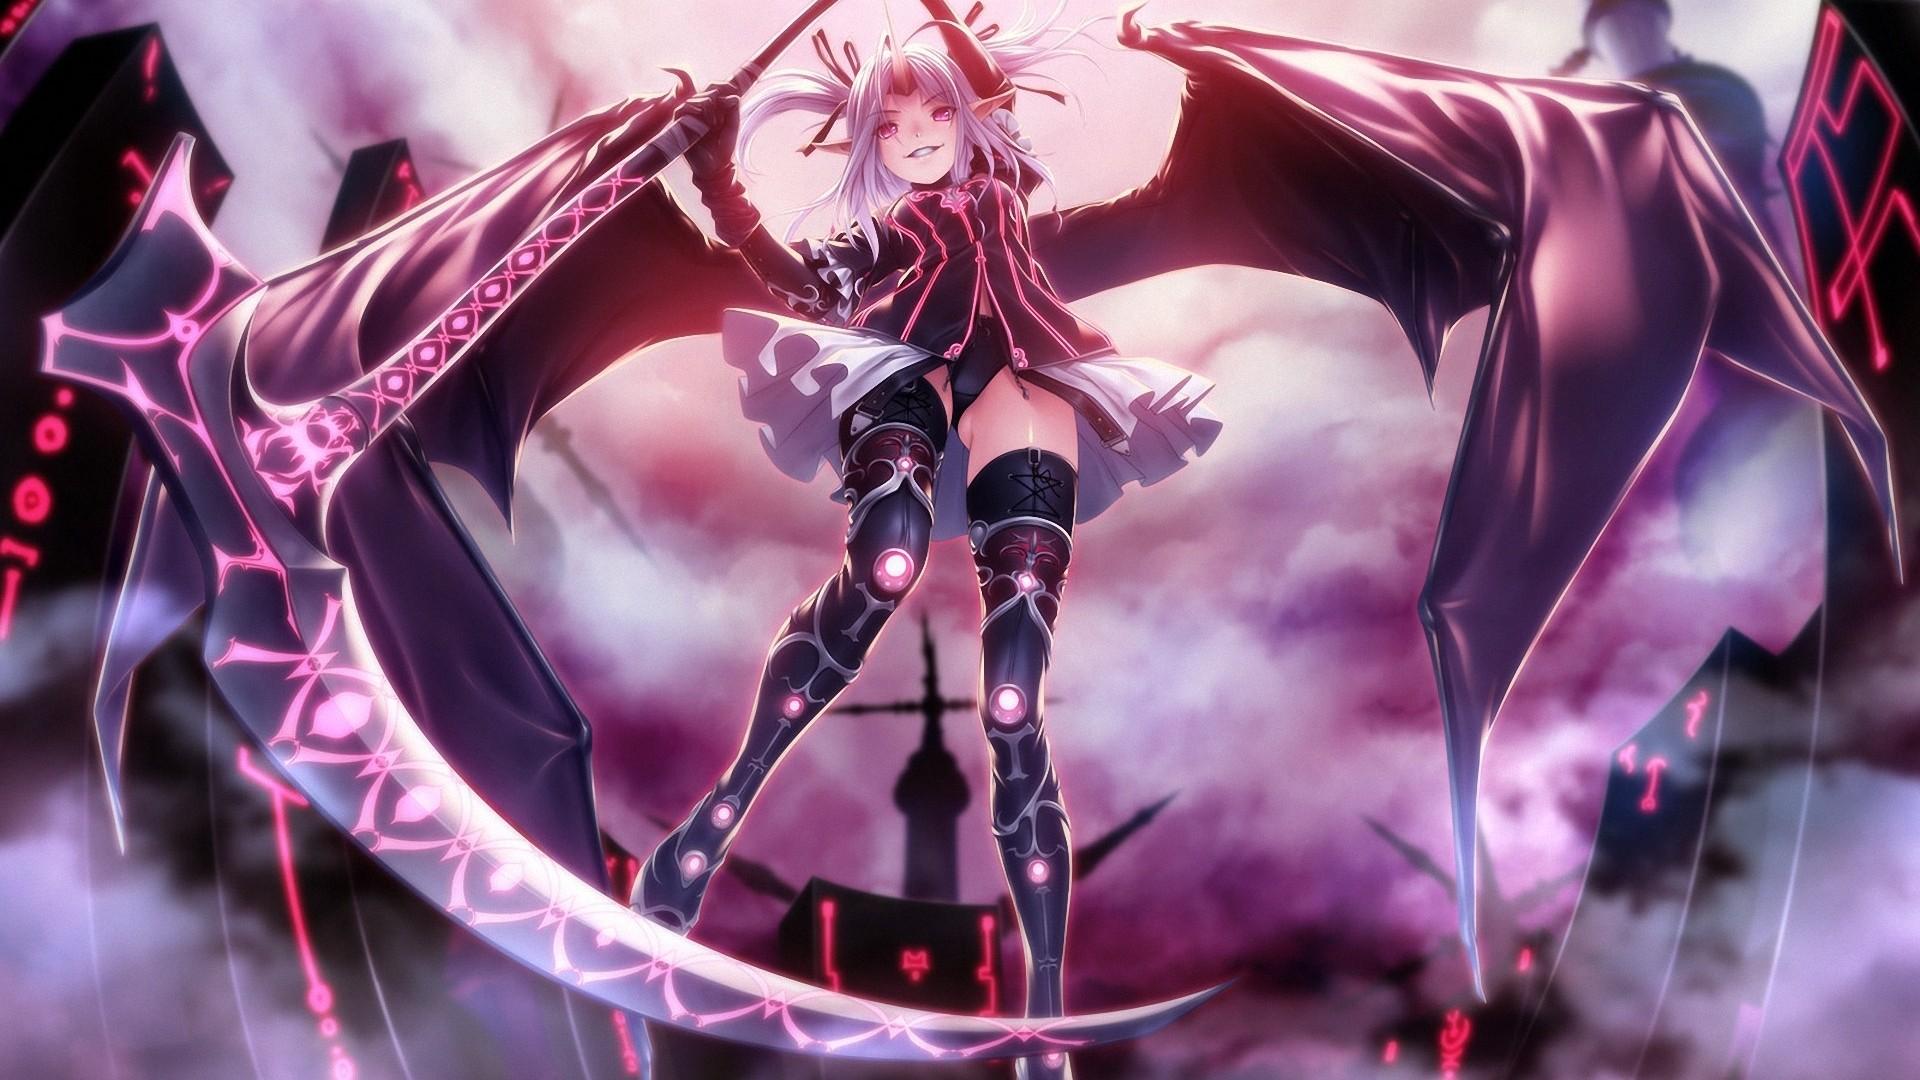 avatar katara halloween costume